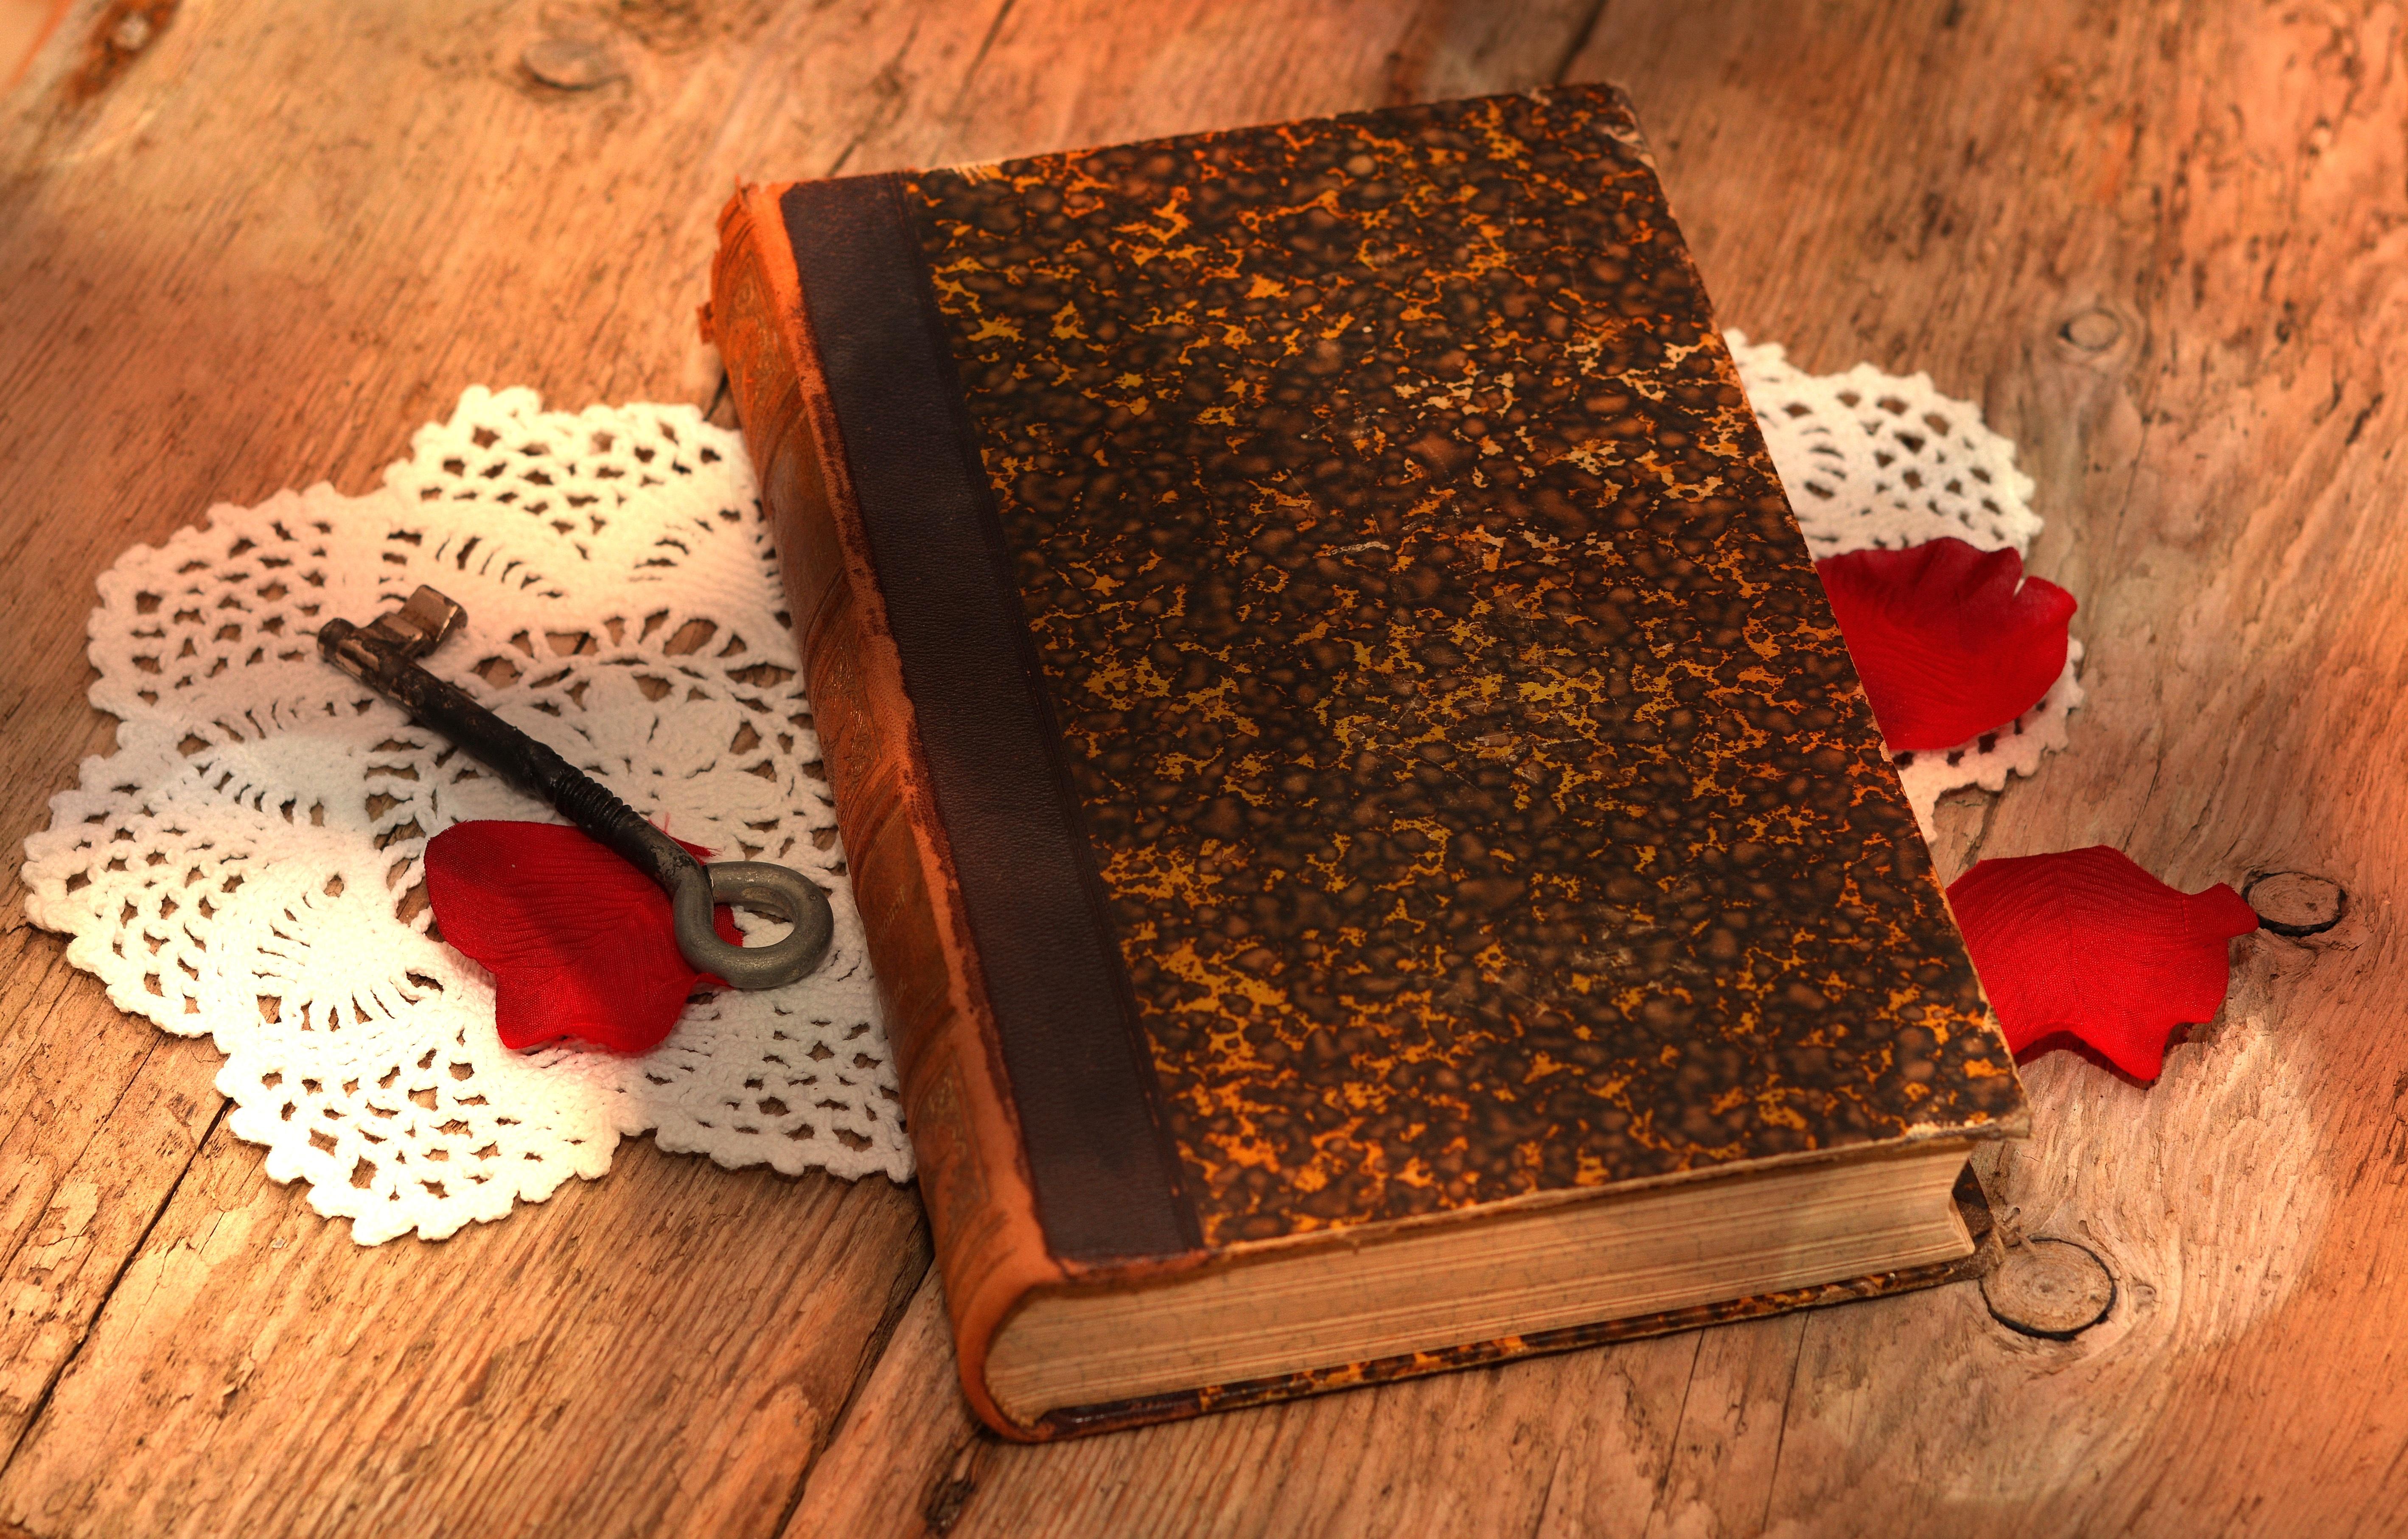 Assez Images Gratuites : table, livre, bois, fleur, vieux, aliments  ID97